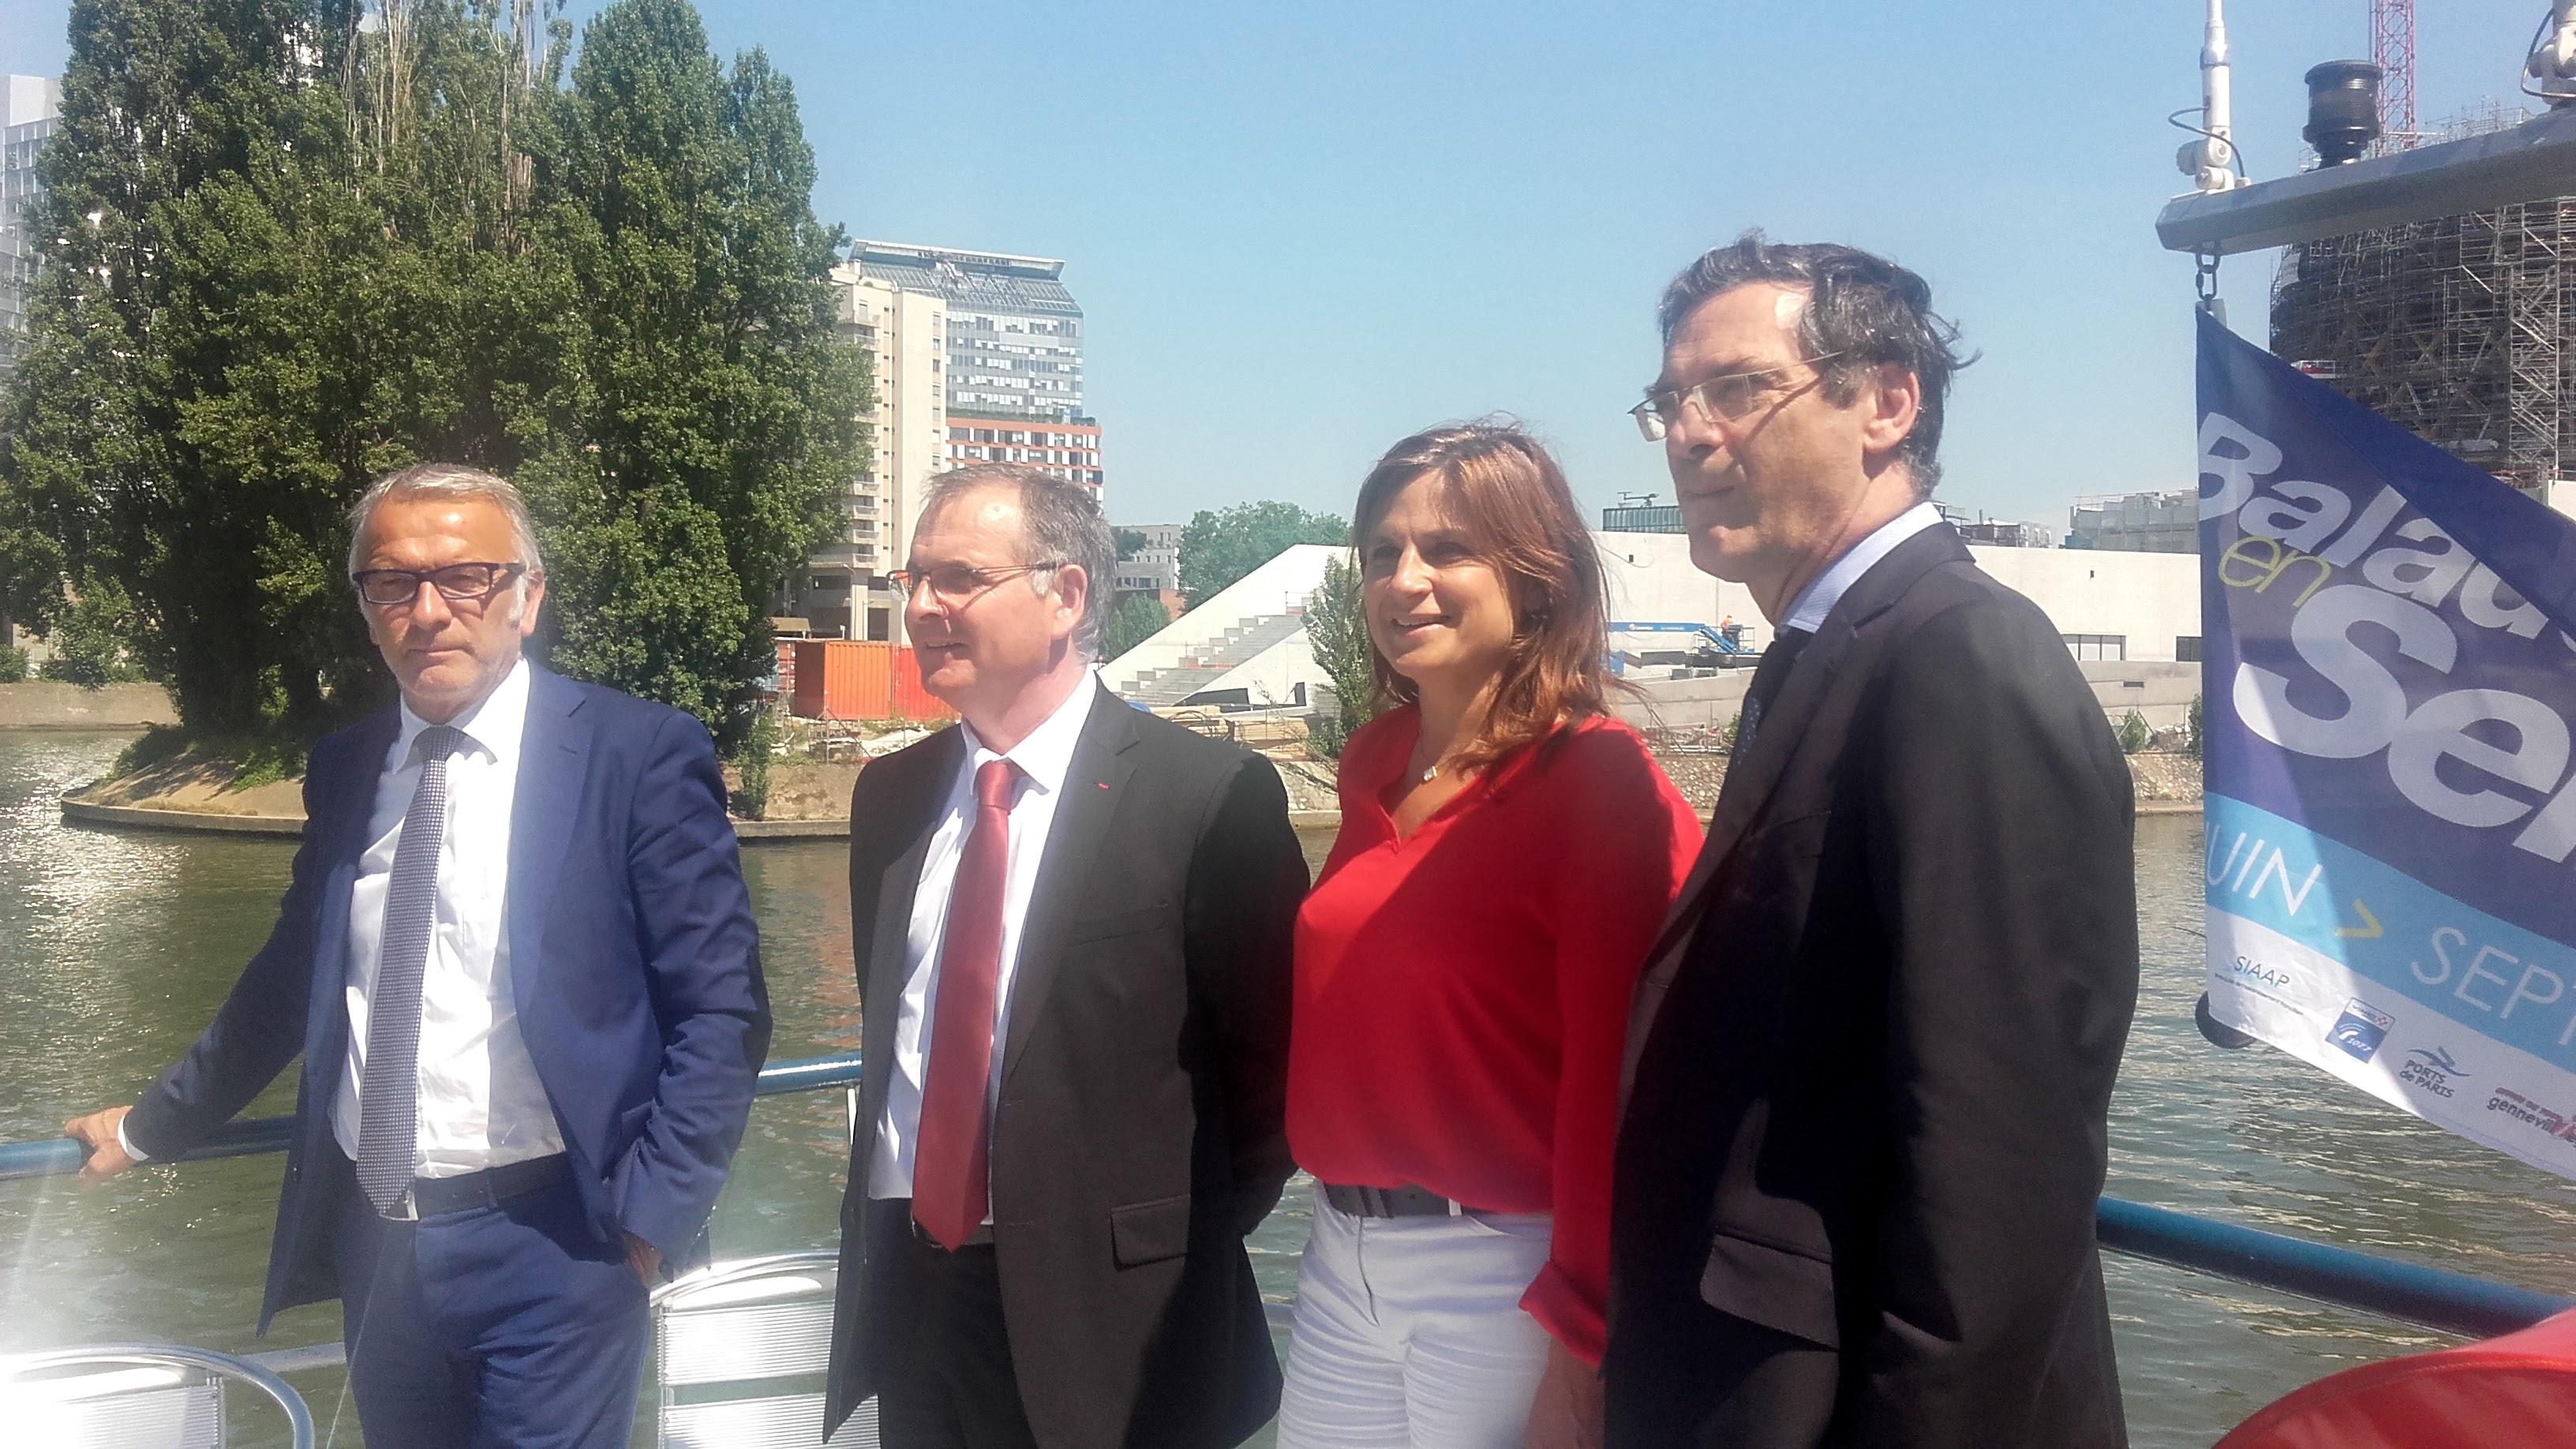 L'Axe Seine, cinq départements s'associent pour mieux développer et valoriser